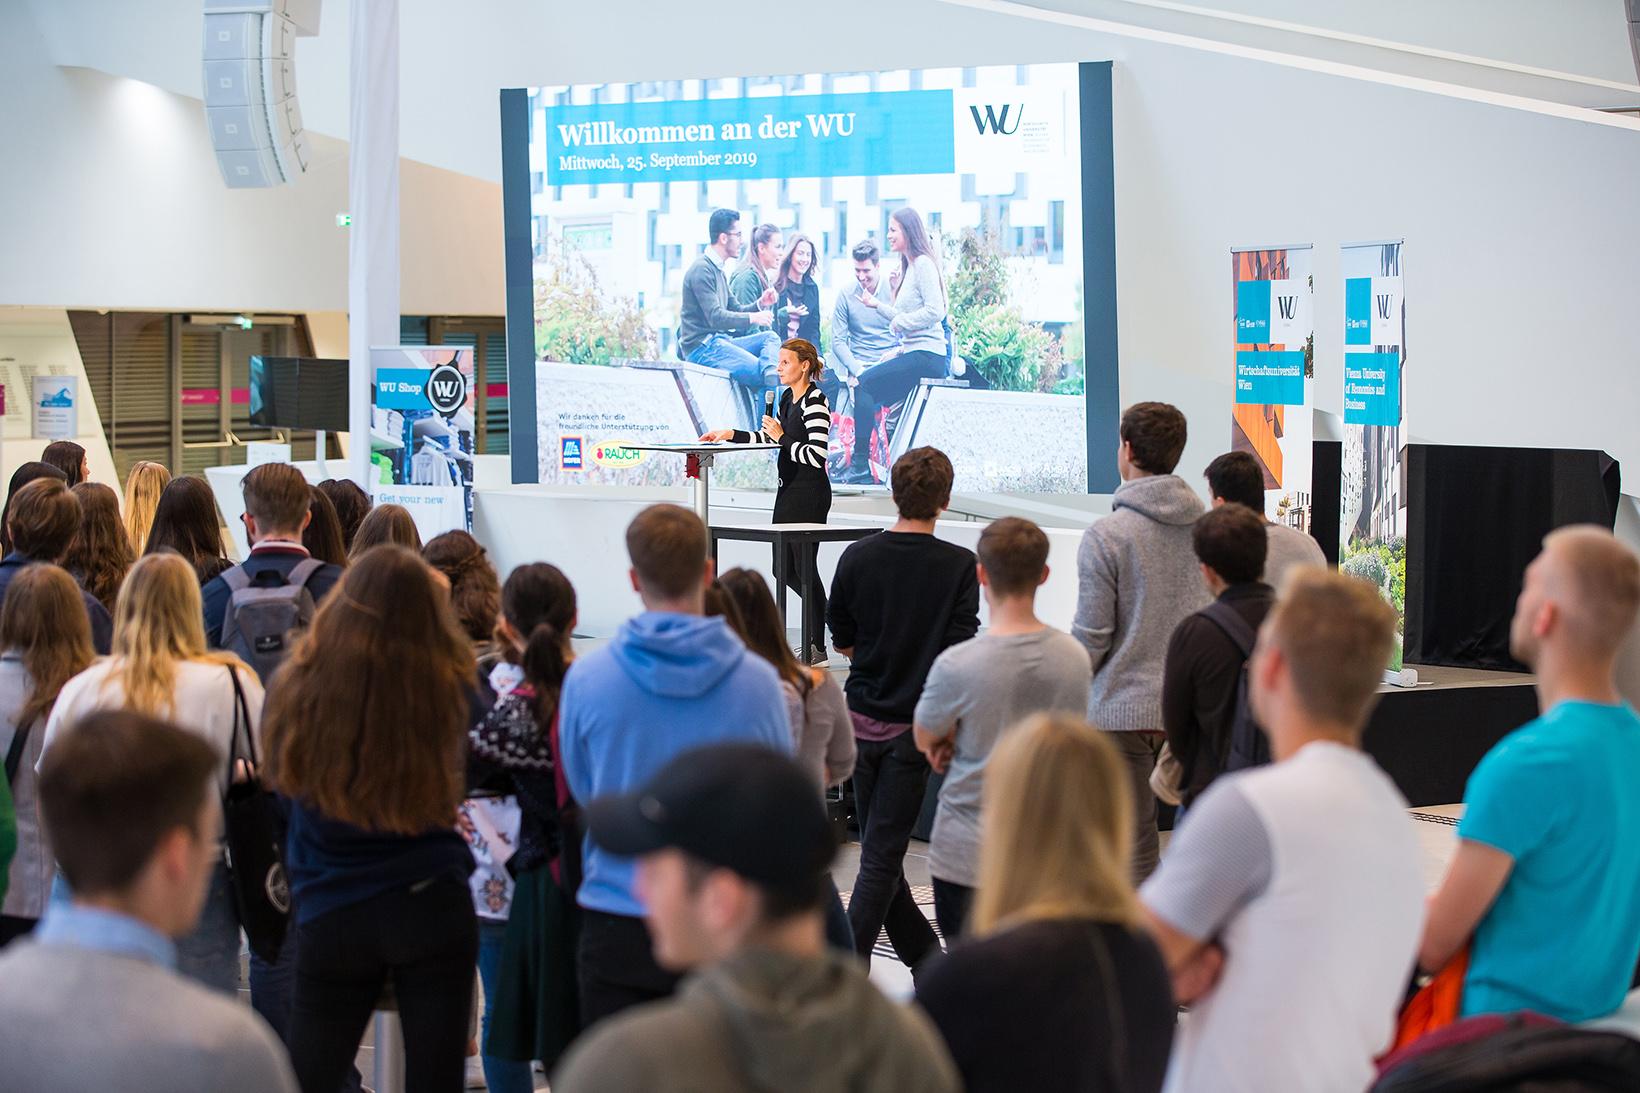 VR für Lehre und Studierende Margarethe Rammerstorfer heißt Erstsemestrige an der WU willkommen